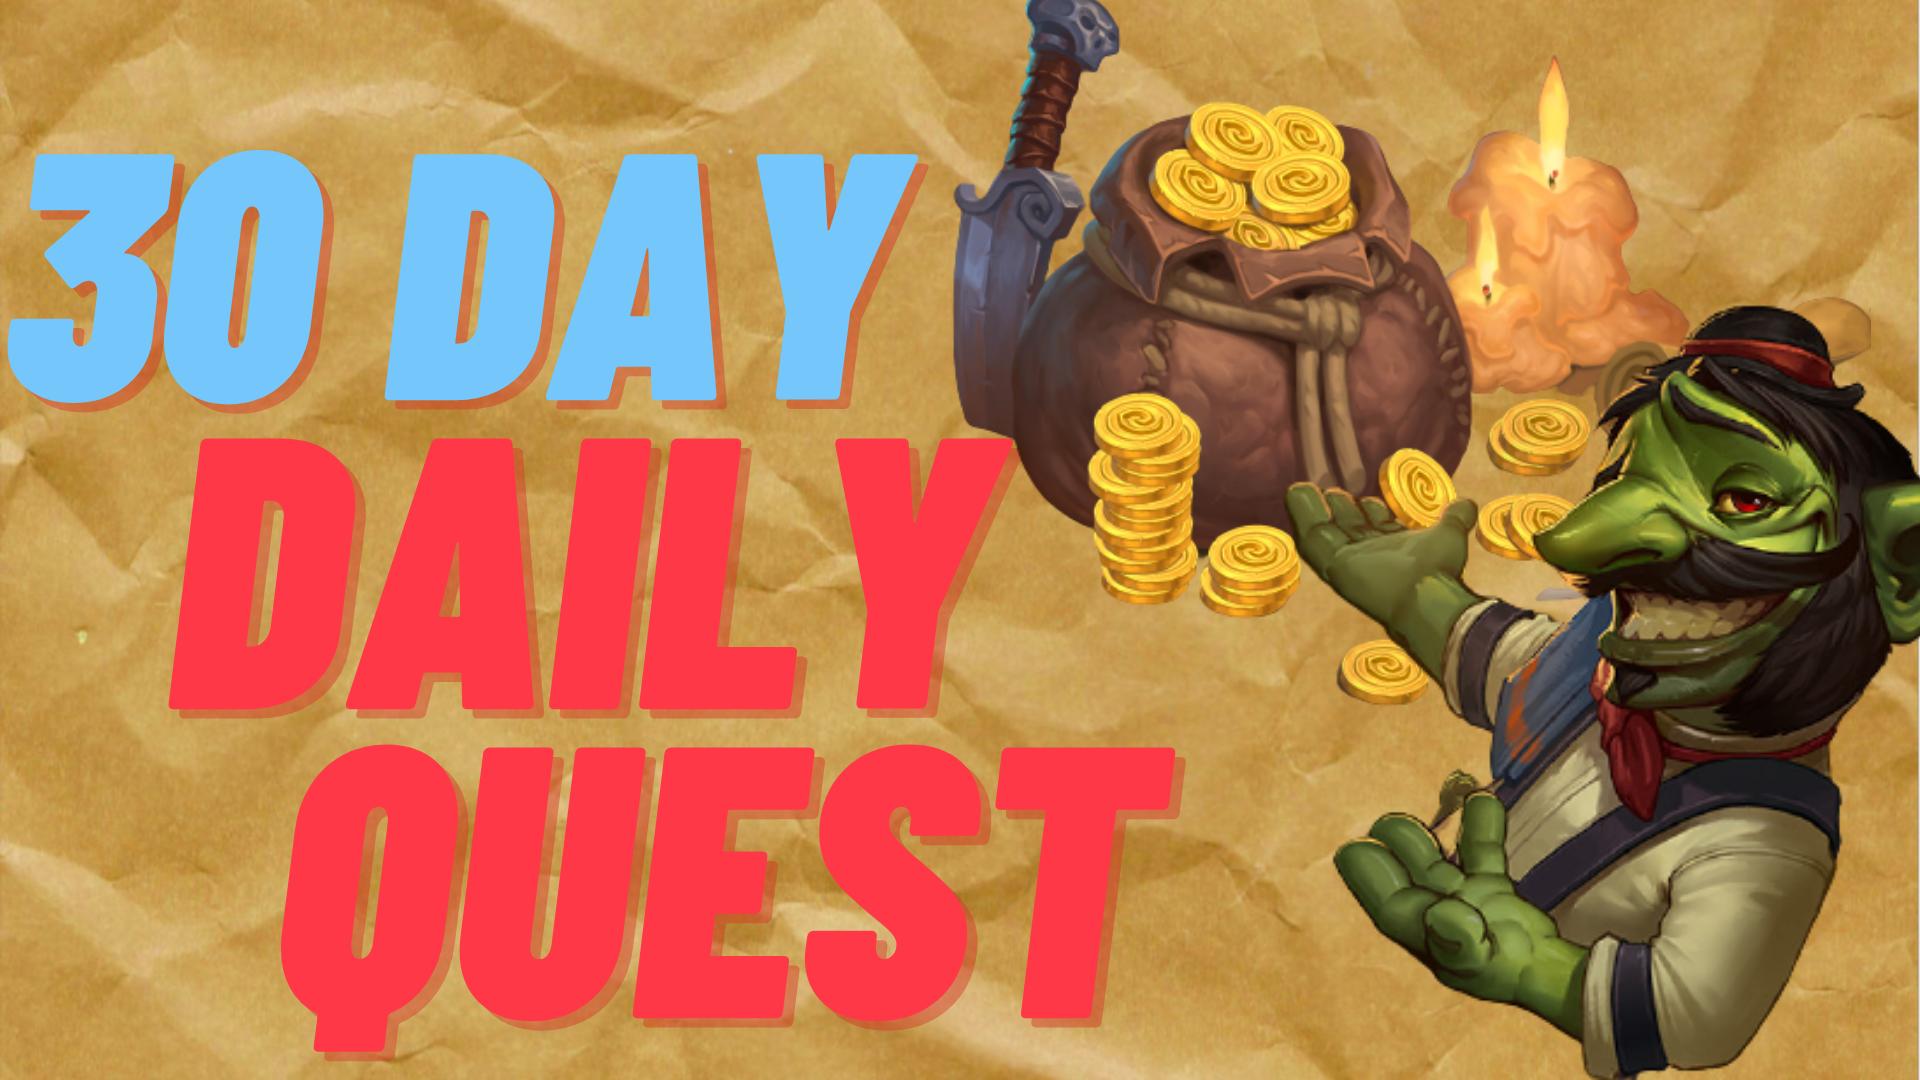 30-Day Daily Quests Zafari - e2p.com